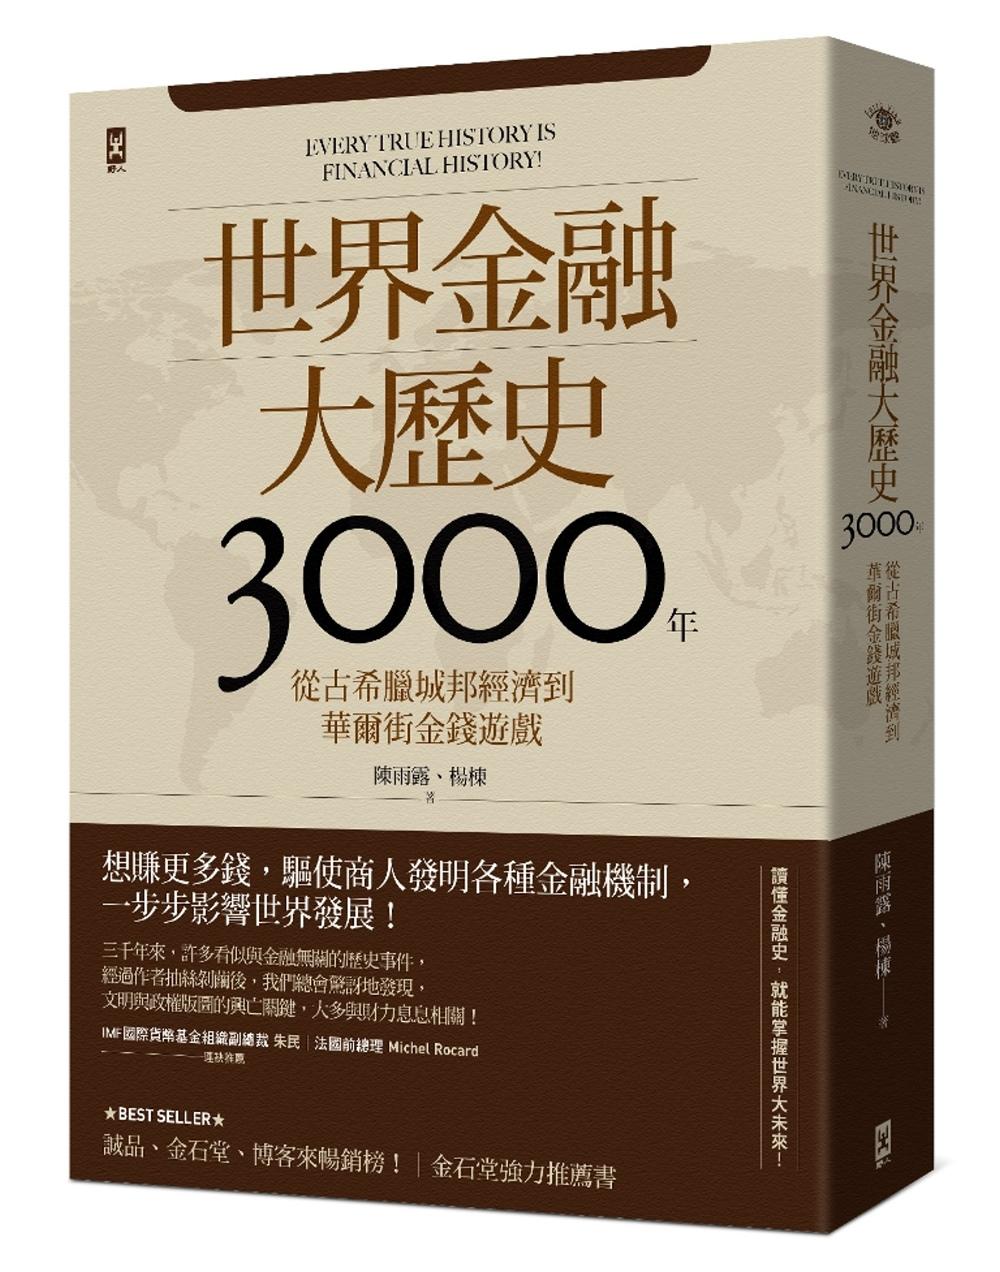 世界金融大歷史3000年:從古希臘城邦經濟到華爾街金錢遊戲